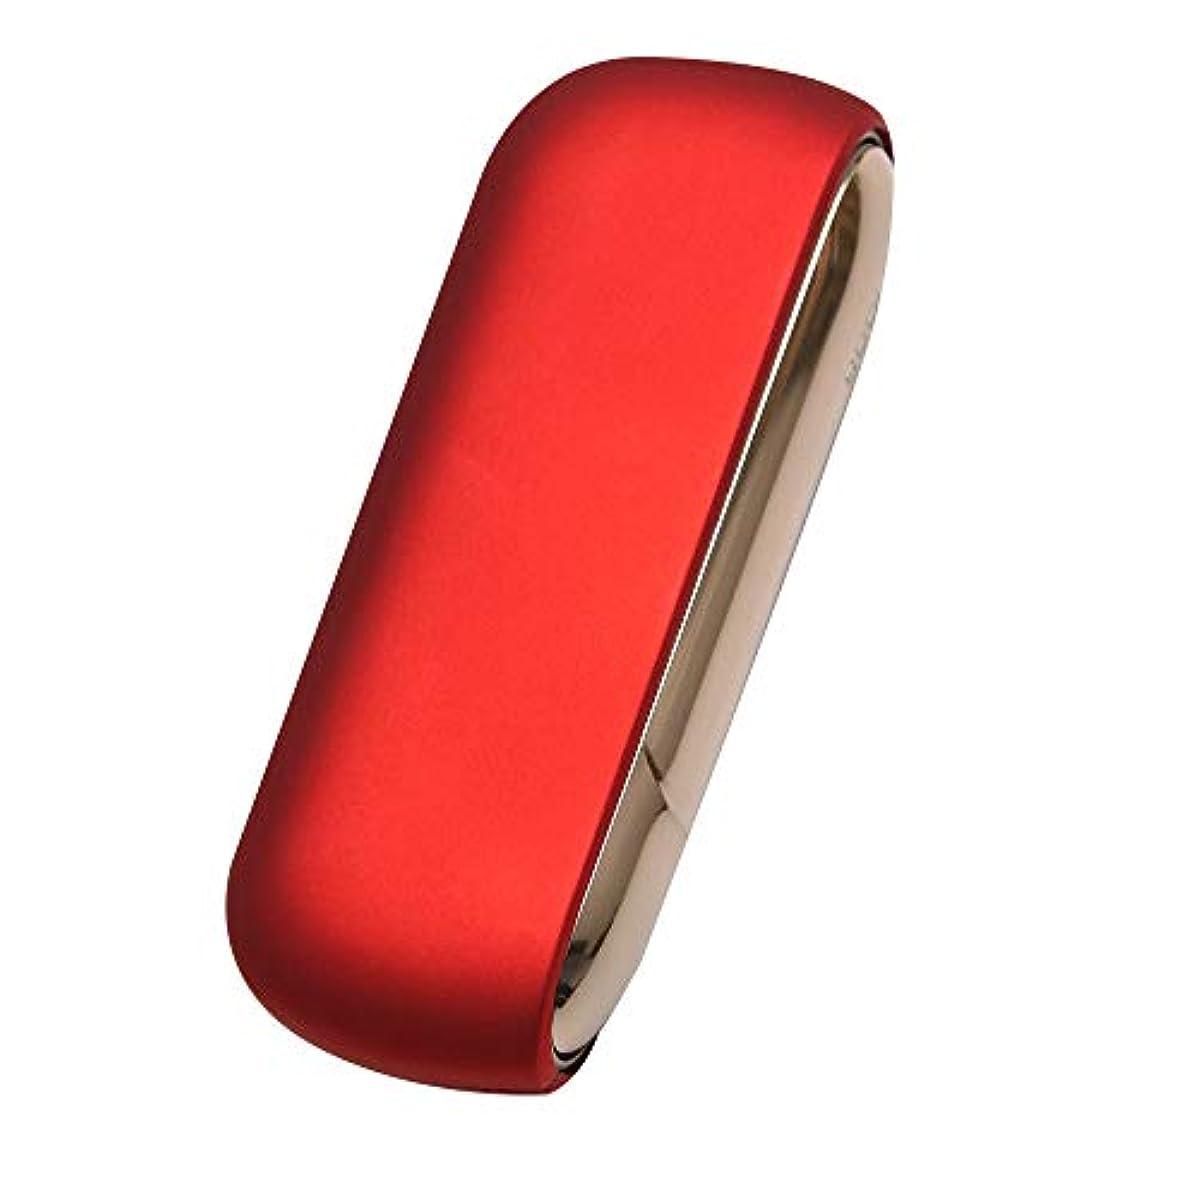 [해외] 【N-DESIGN】 아이고스3 케이스 커버 6색 매트 퍼터입 RED